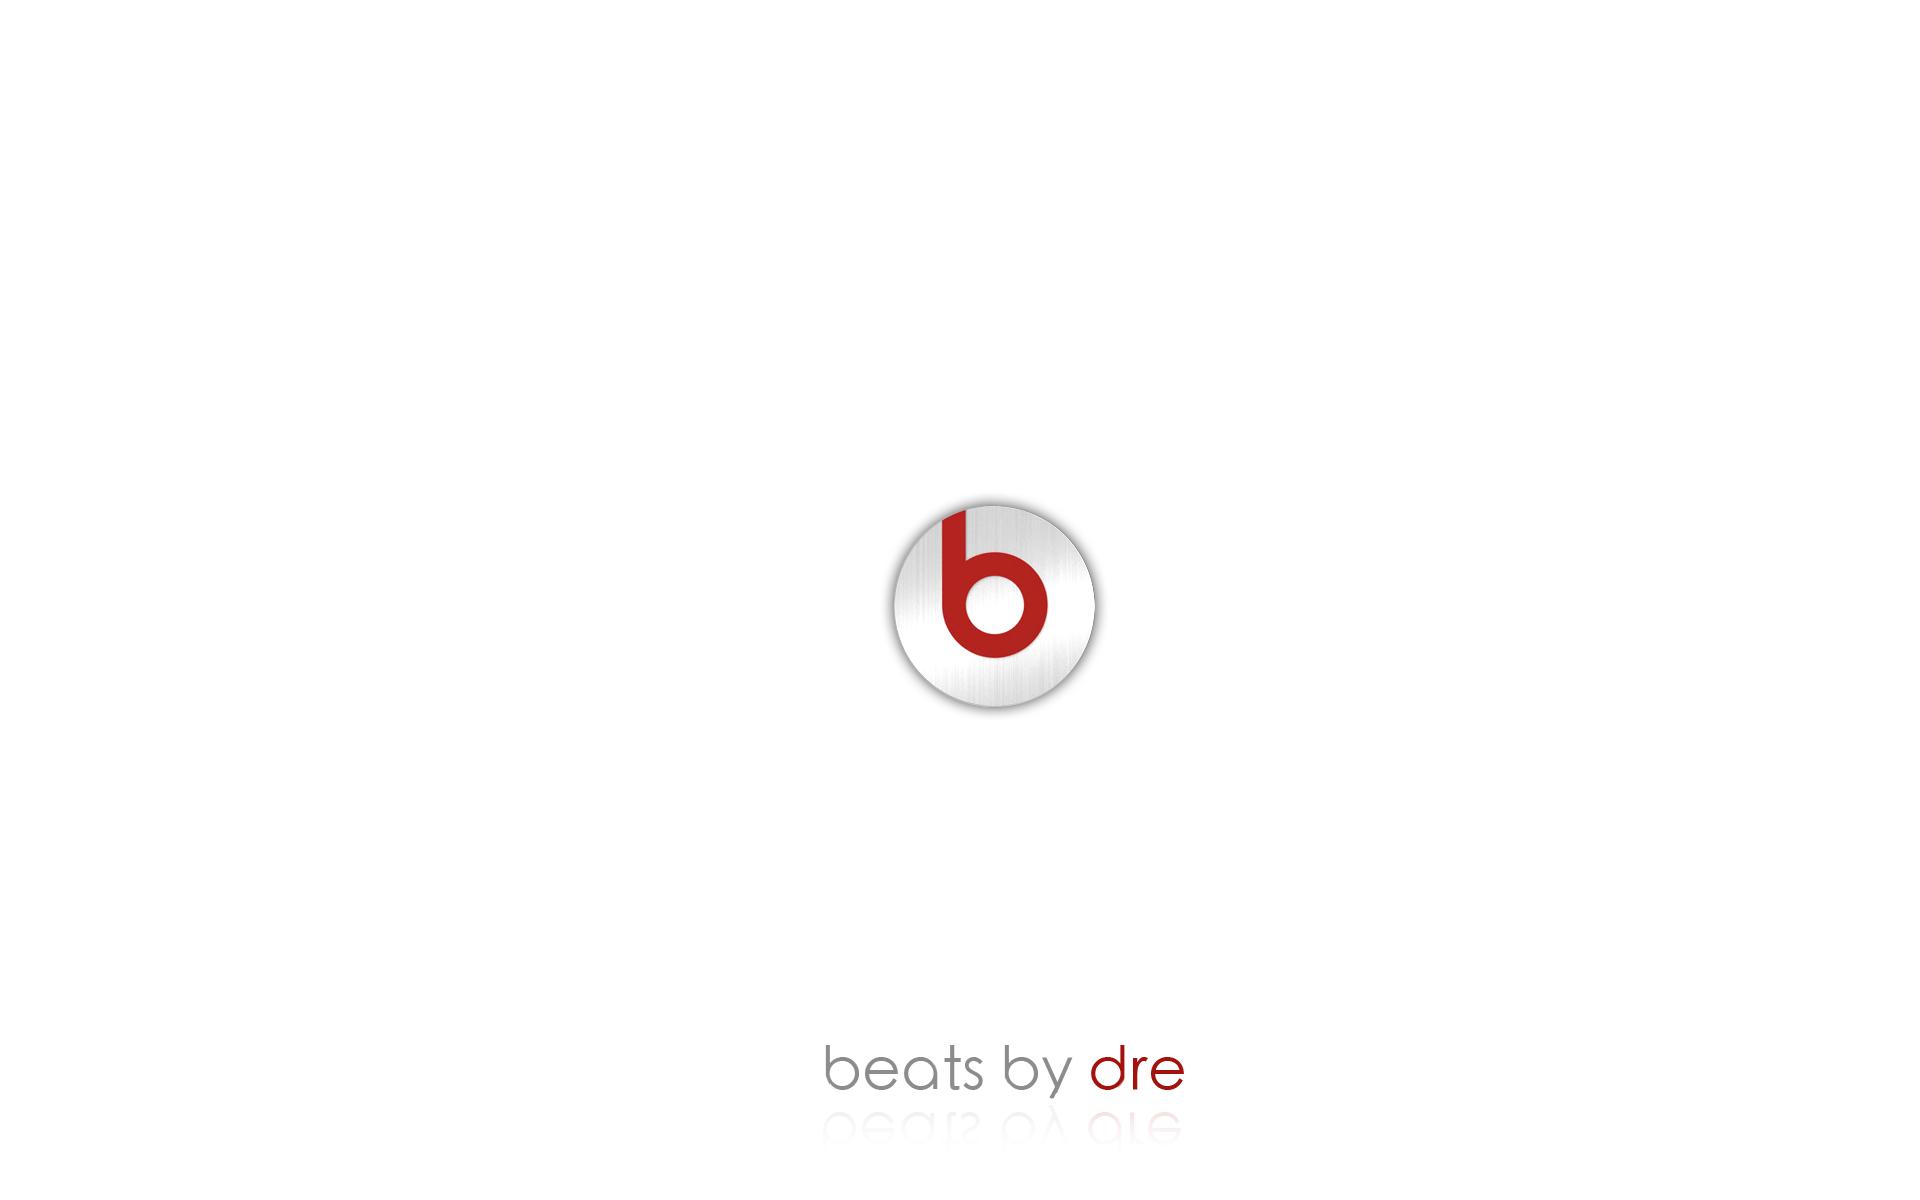 Beats By Dre 4k